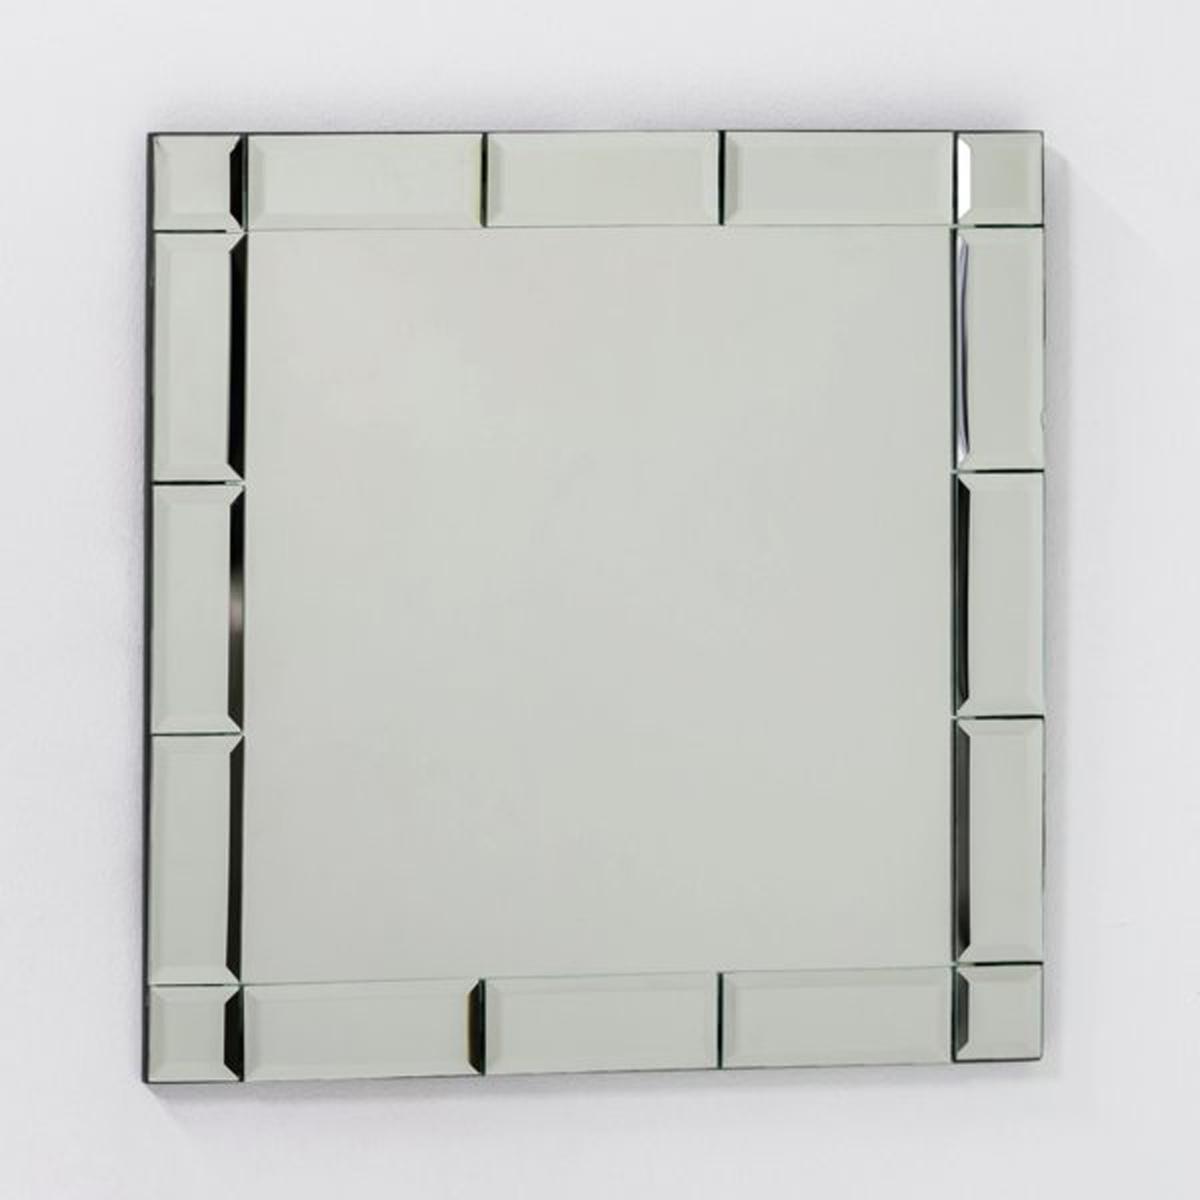 Зеркало настенное Astier, малая модель, Ш.40 x В.40 смЭто настенное зеркало придаст вашей комнате изысканный и утонченный стиль. Рамка со скошенными краями придает больше глубины.  Размеры :40 x 40 см<br><br>Цвет: безцветный